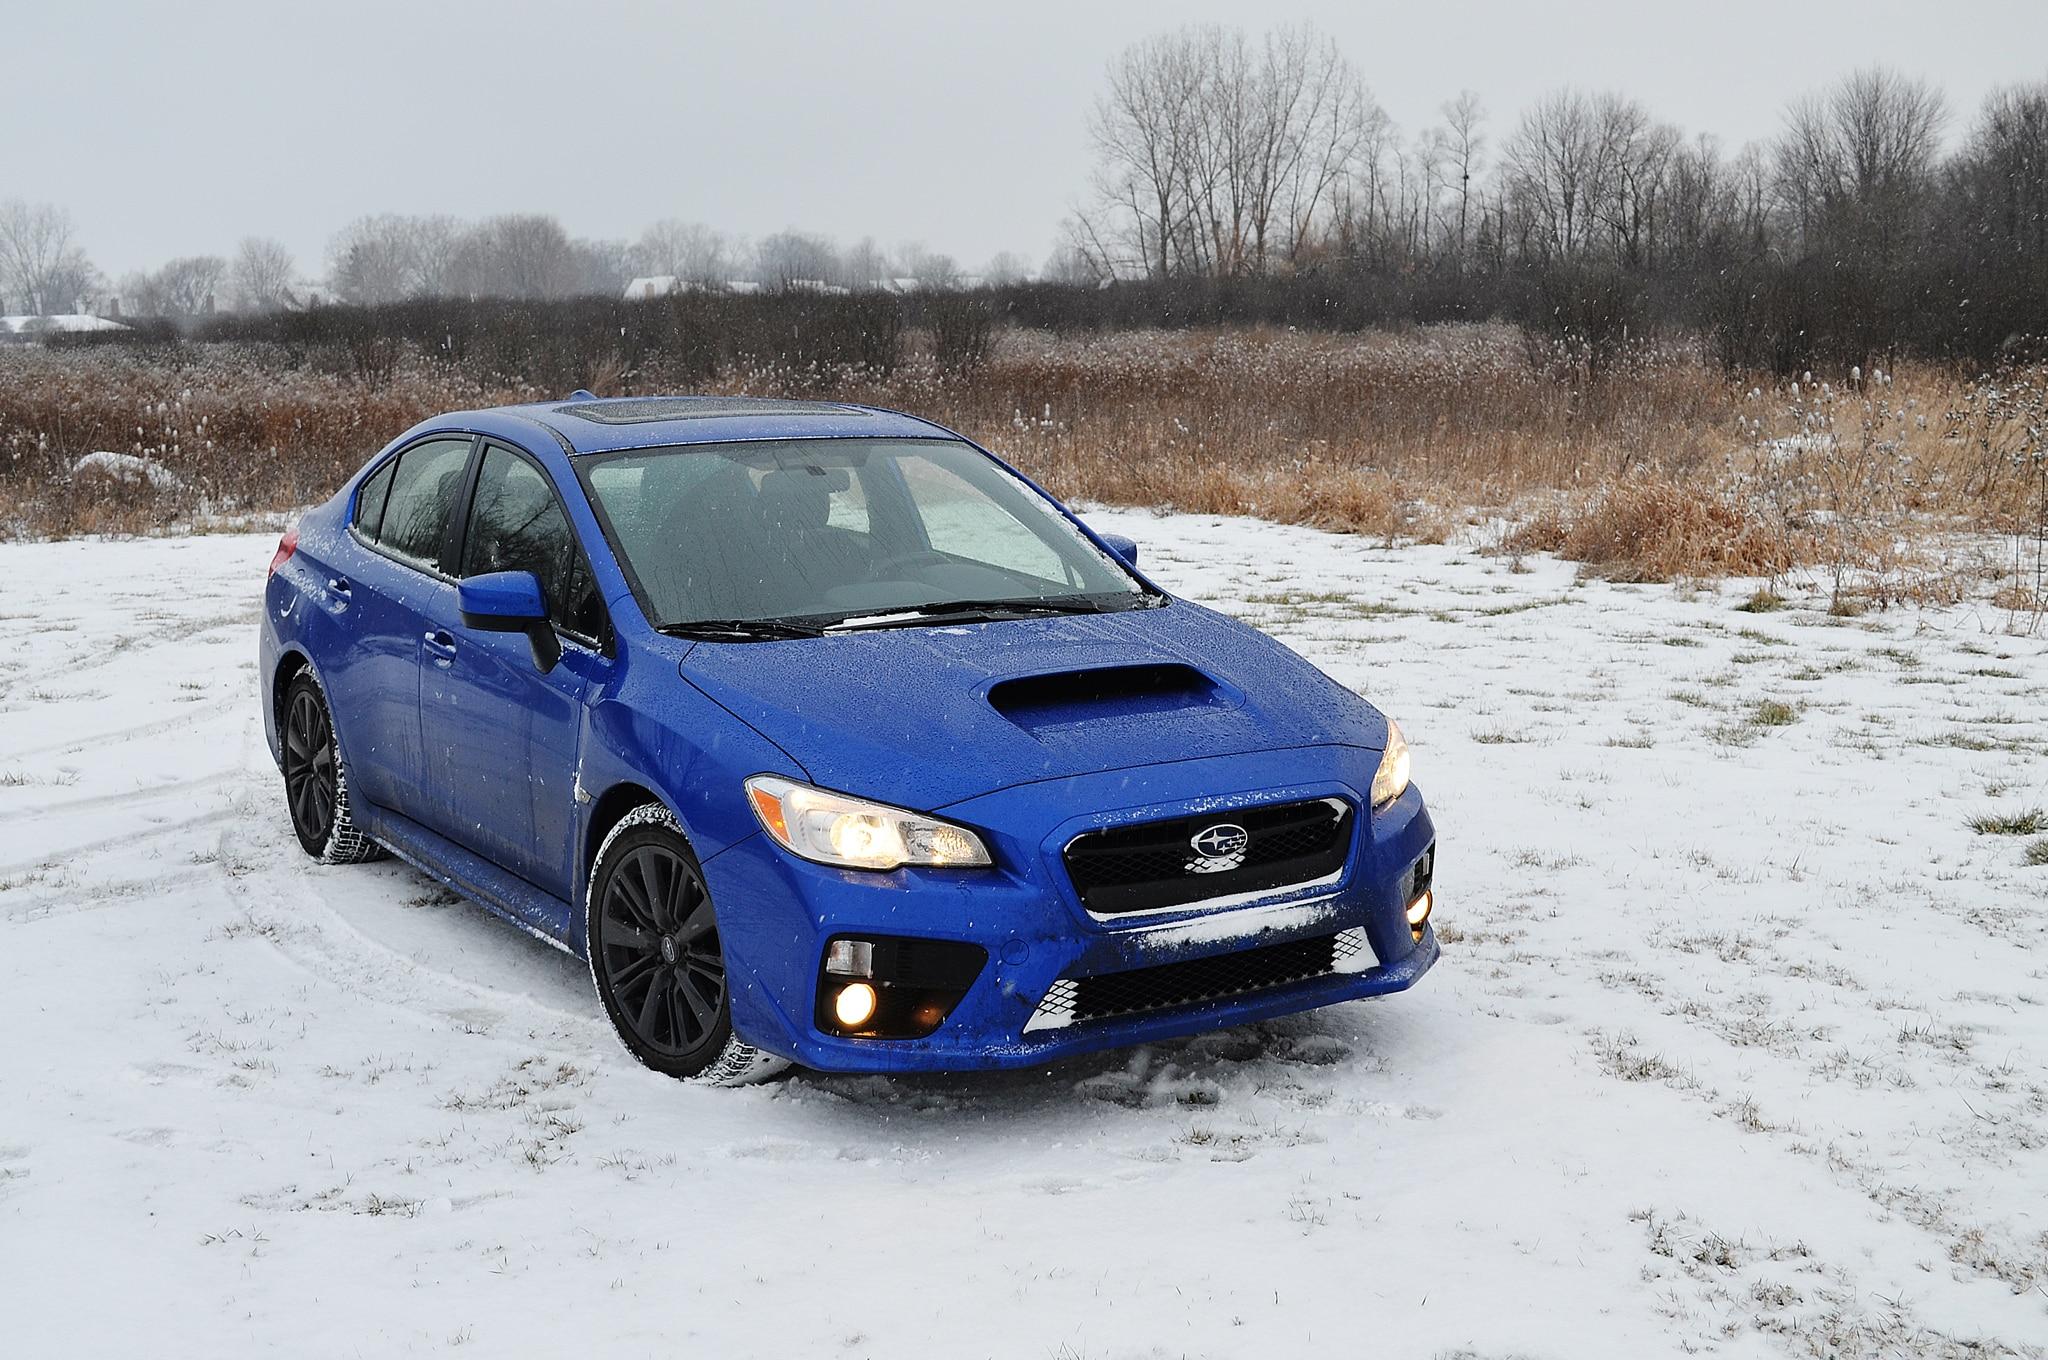 2015 Subaru WRX Premium Front Three Quarter 01